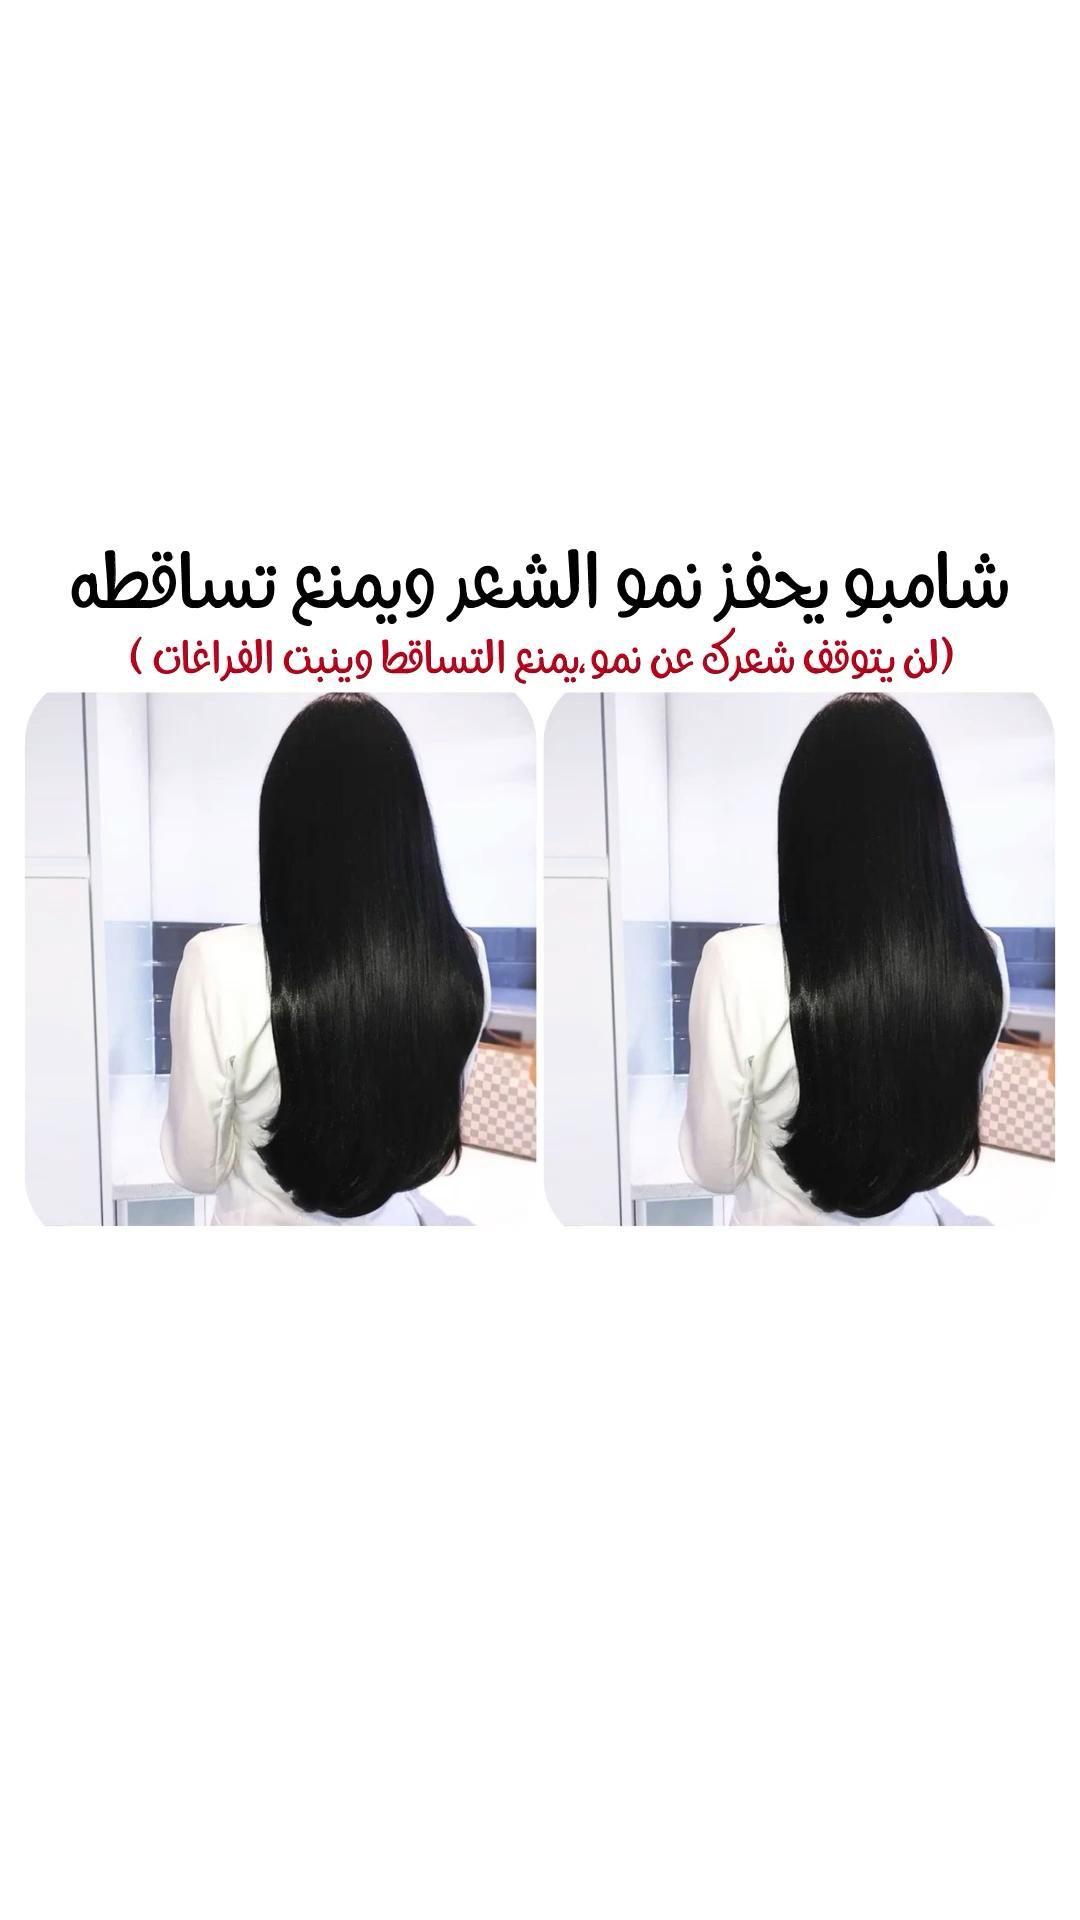 شامبو يحفز نمو الشعر ويمنع تساقطه Video Hair Care Hair Care Oils Beauty Recipes Hair